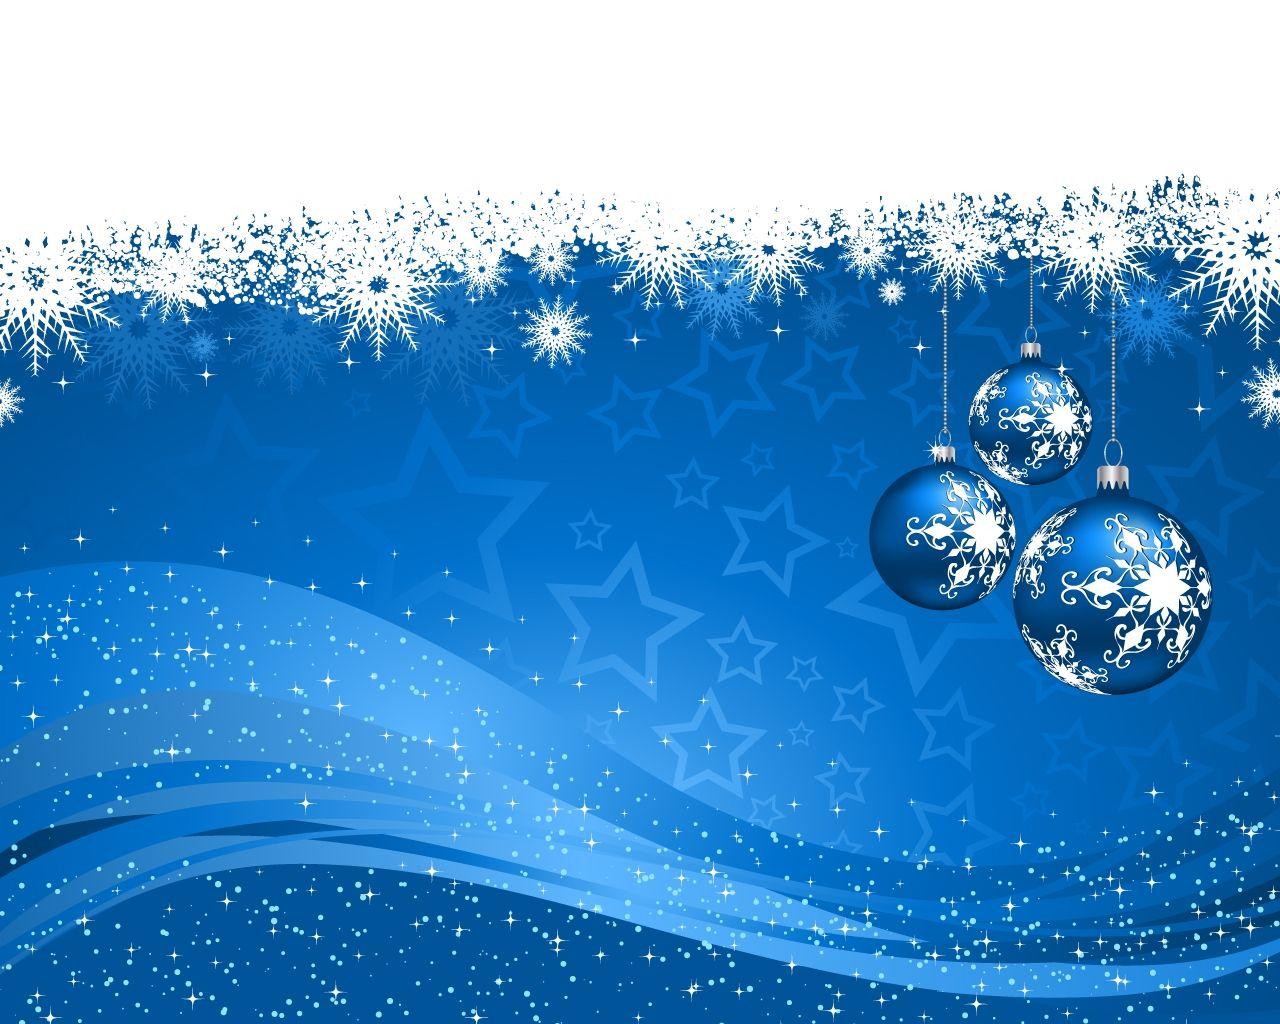 Fondos de navidad 2016 para fondo celular en hd 11 hd for Imagenes hd para fondo